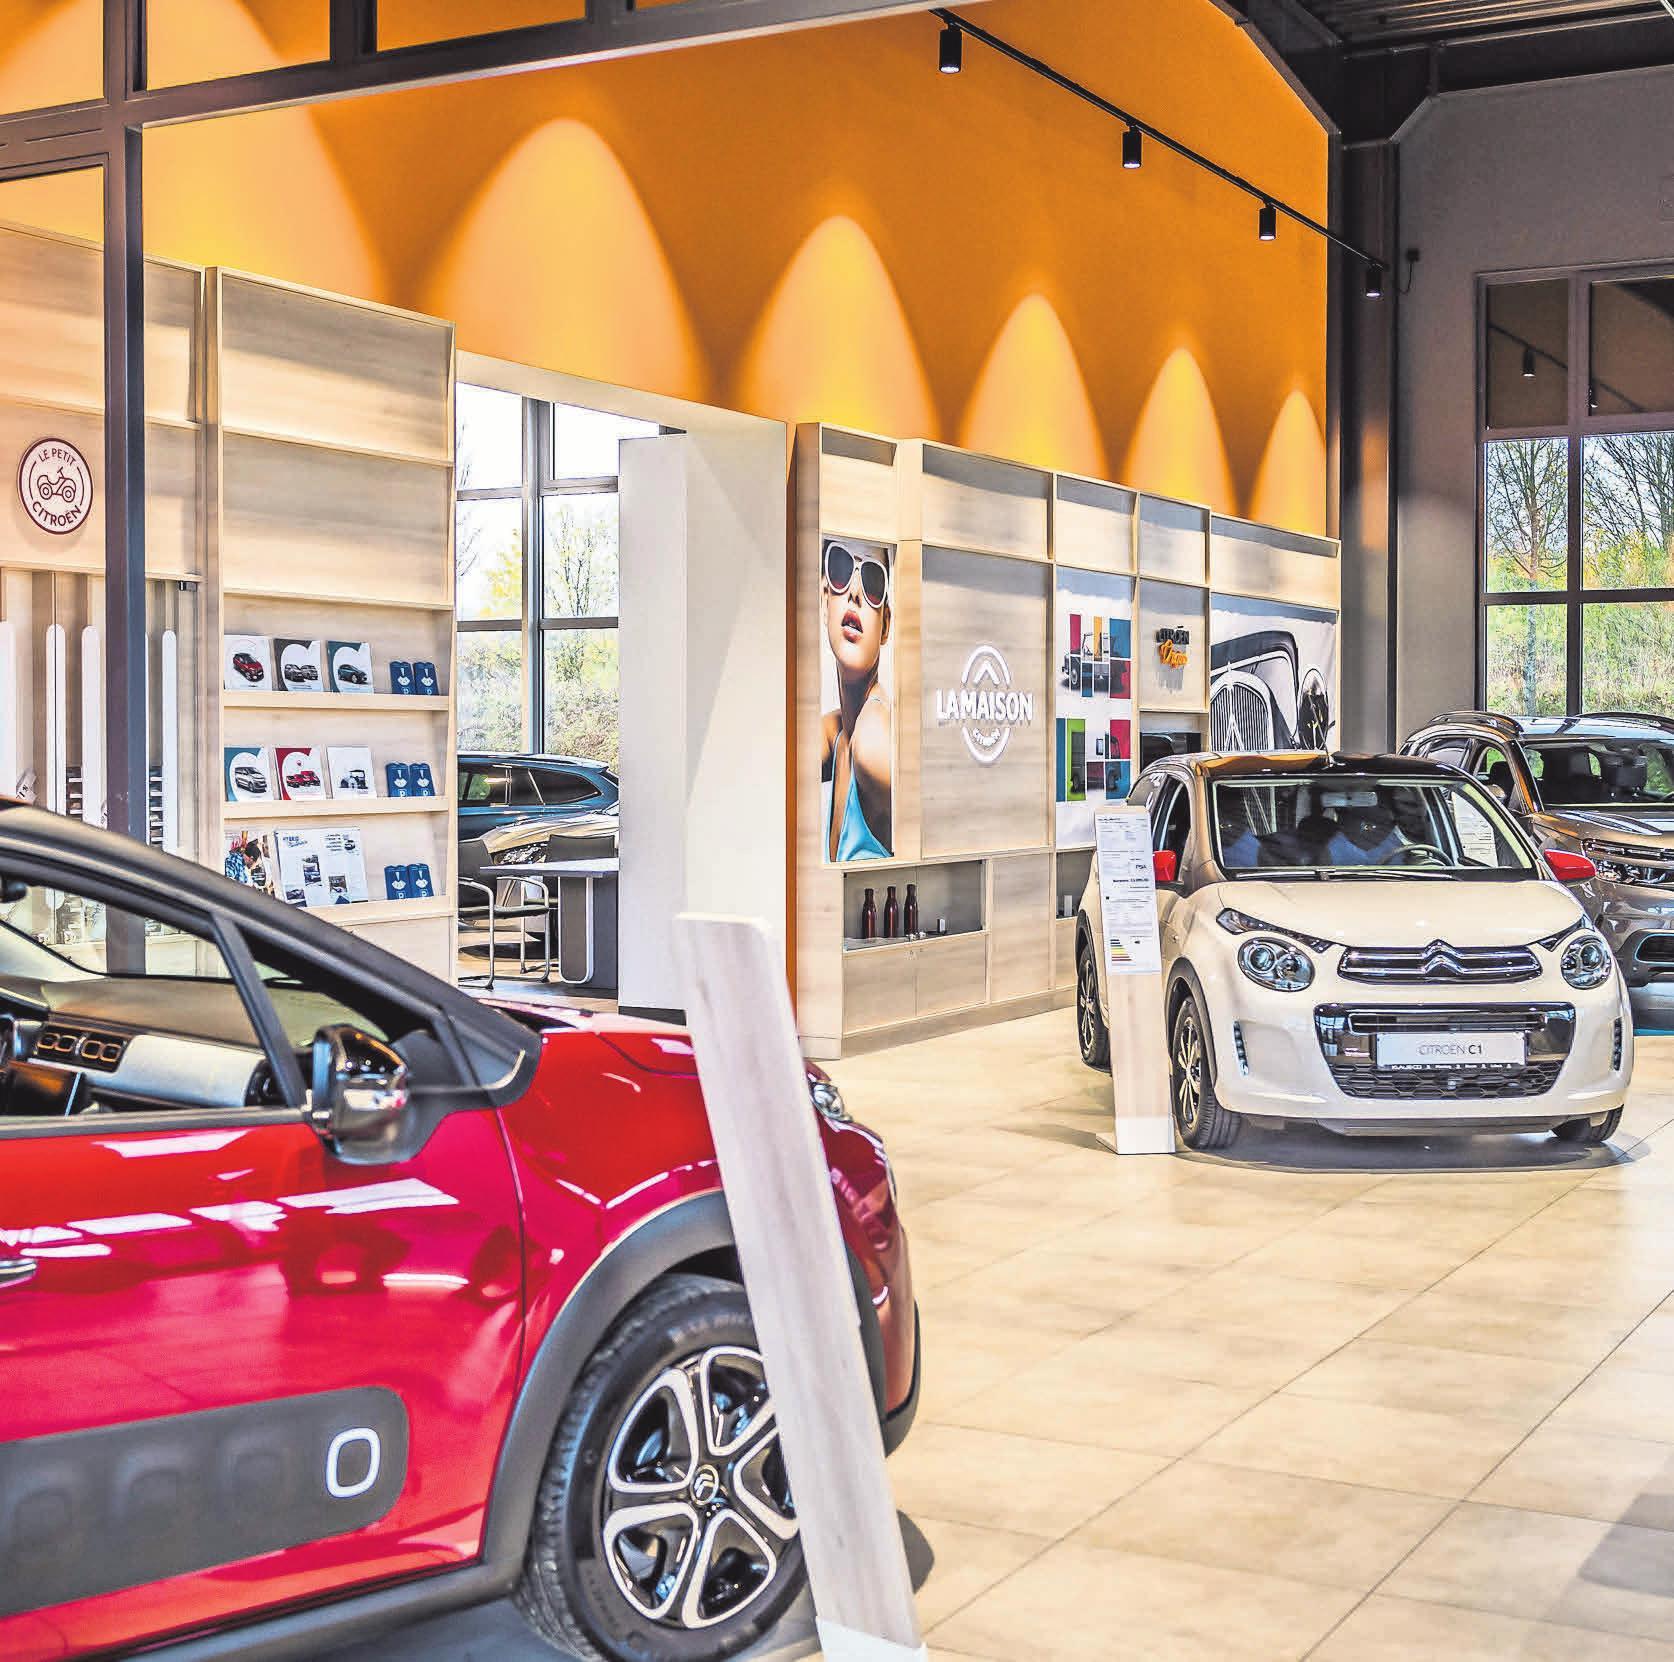 """Mit einer bewusst kleinen Verkaufsfläche setzt das urbane """"La maison""""-Konzept ausgewählte Fahrzeuge gekonnt in Szene"""